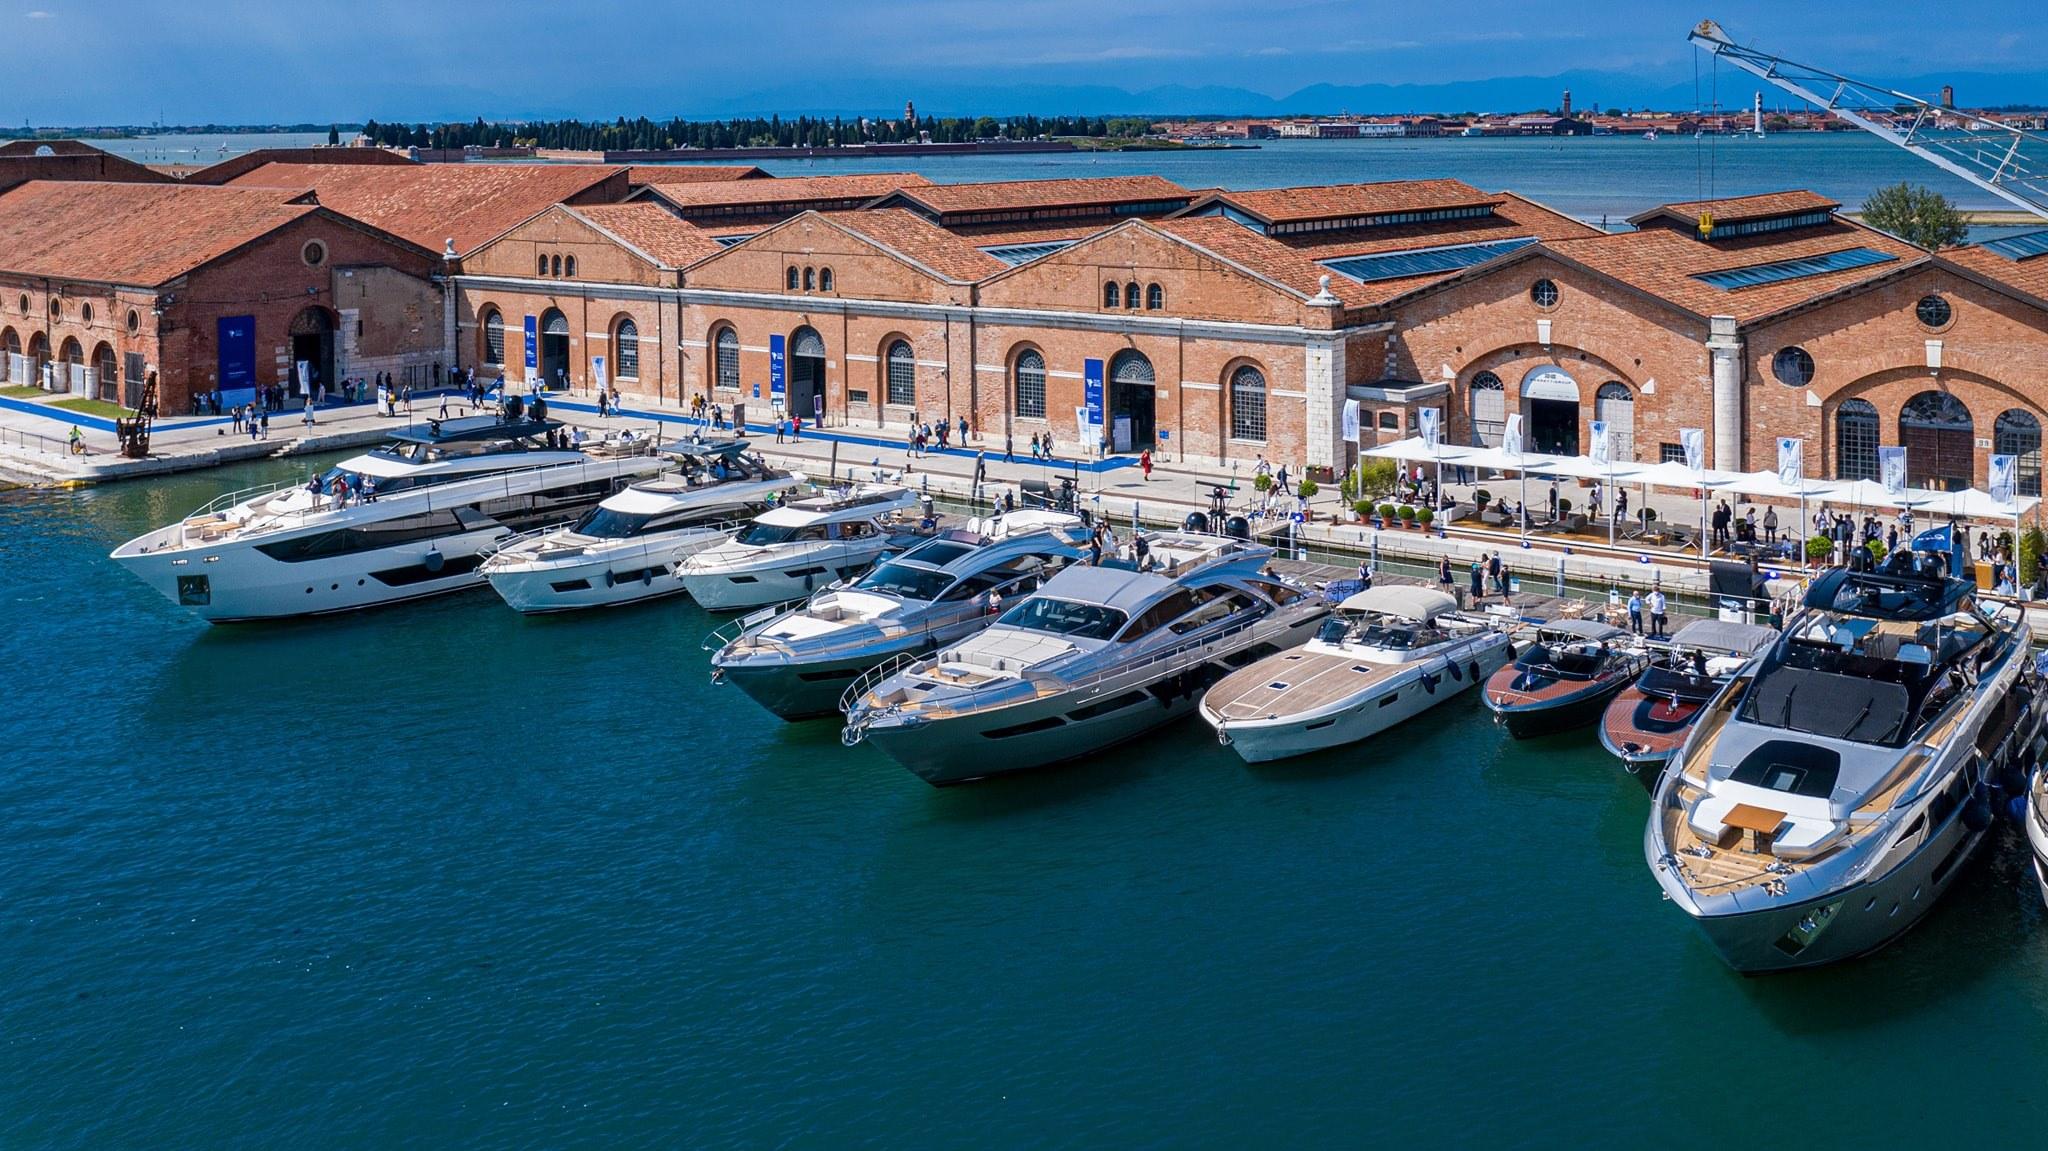 Tập đoàn Ferretti mang 10 siêu phẩm tới Triển lãm du thuyền Venice 2021